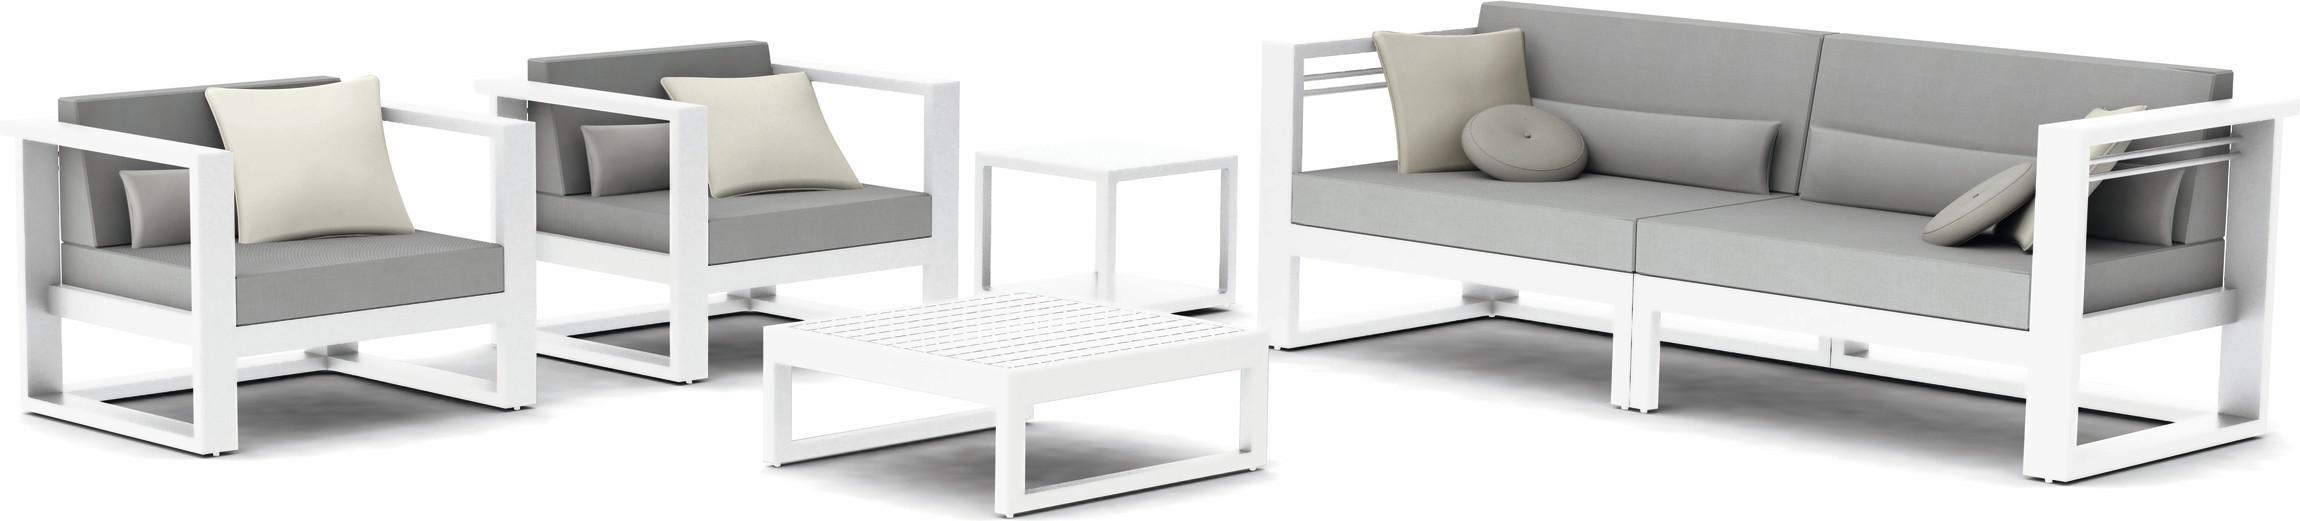 Fuse Konzept 3 - weiß - textiles white